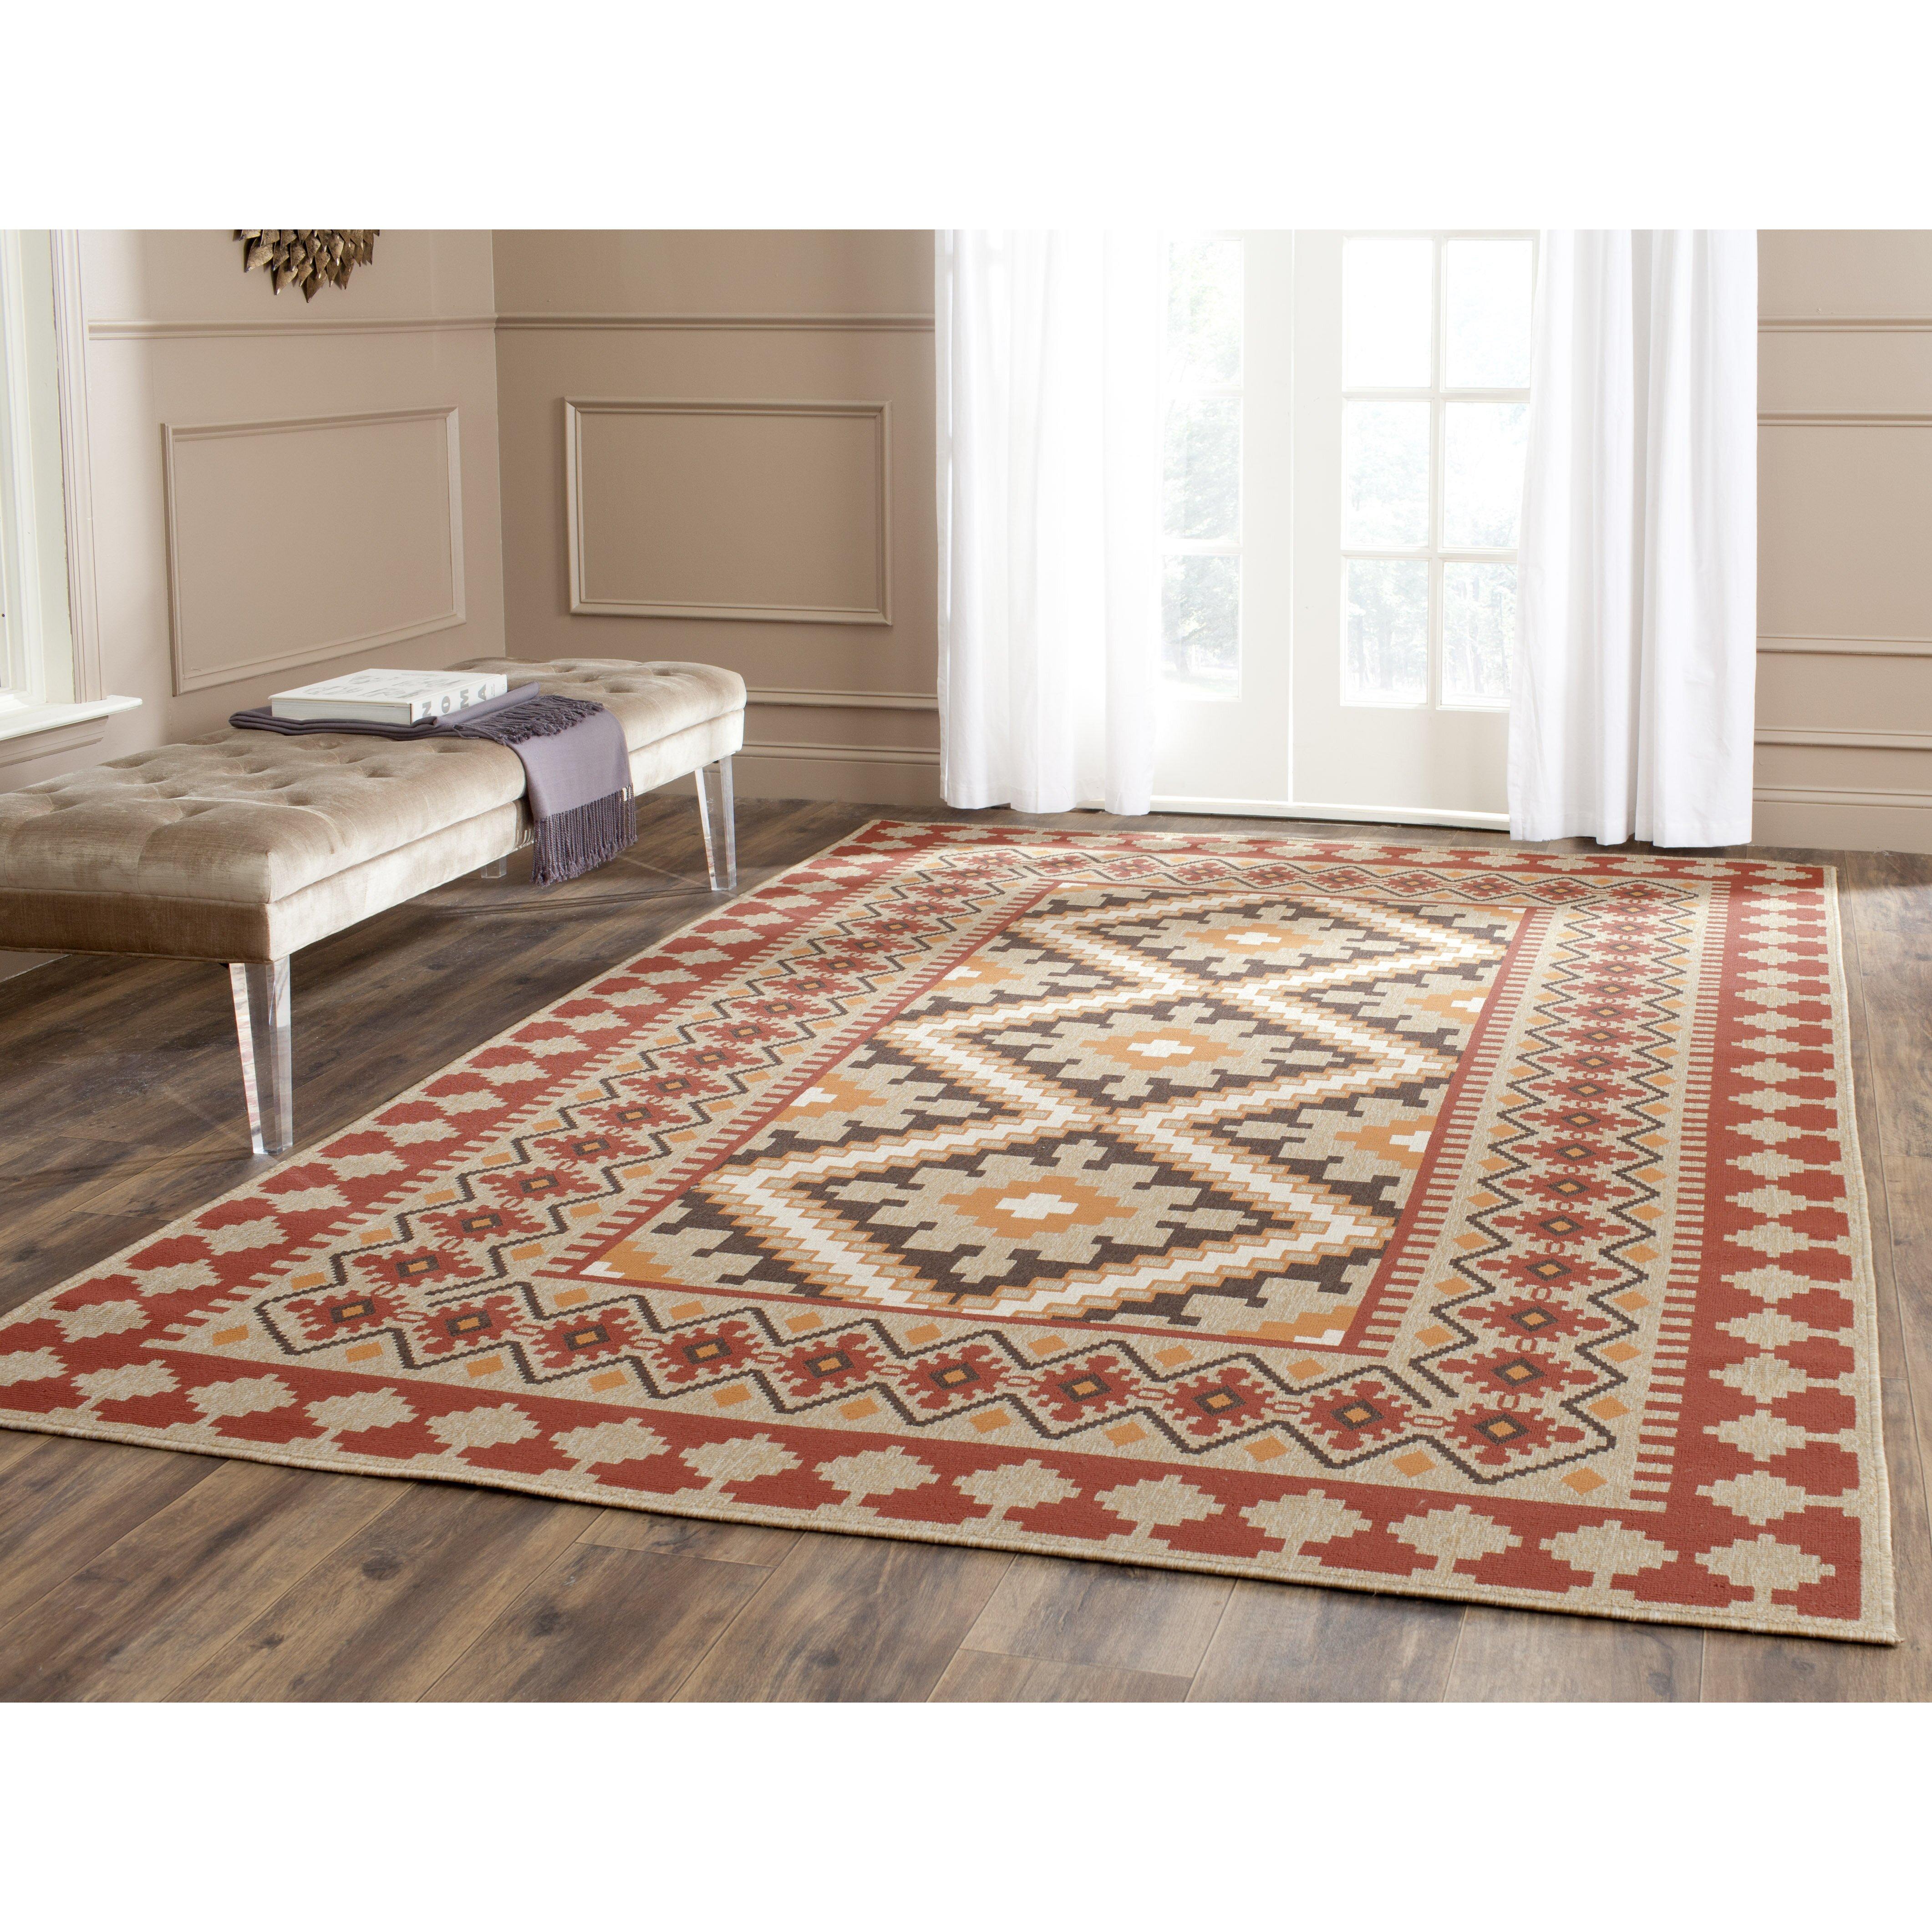 Alpenhome cowley multi coloured indoor outdoor area rug for Indoor outdoor rugs uk